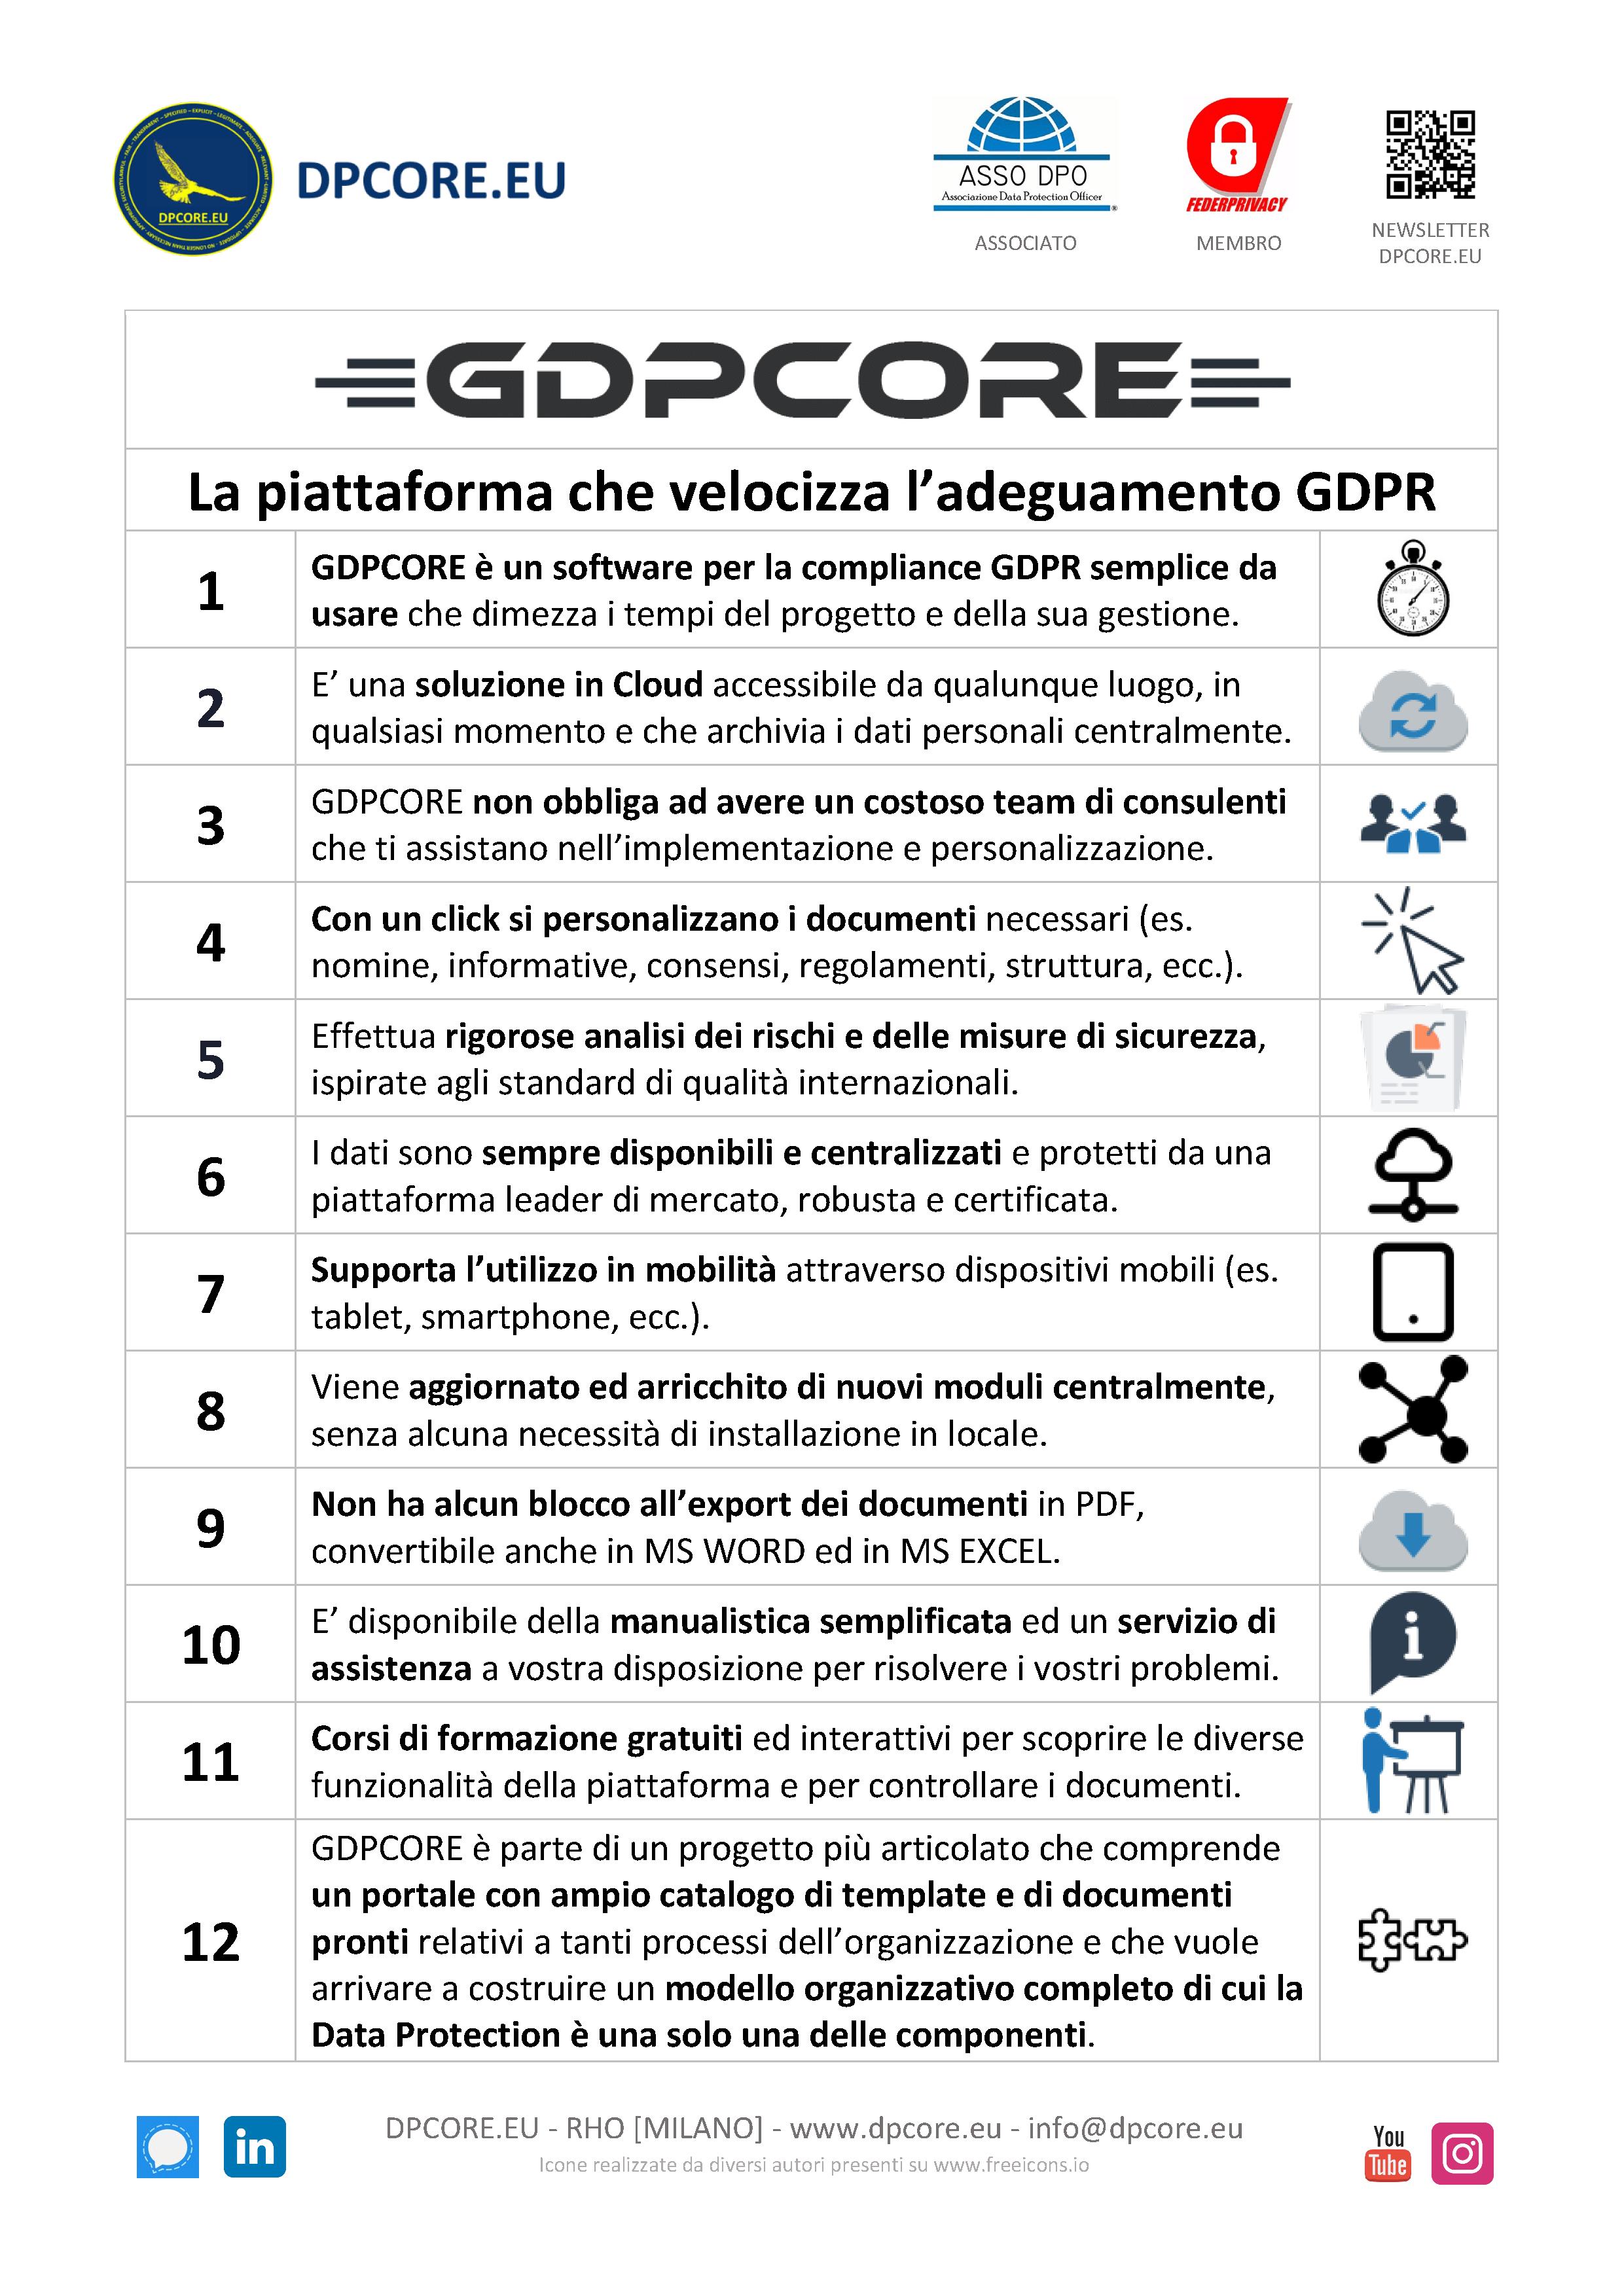 Scheda sintetica GDPCORE SEMP R1.3 pag. 1